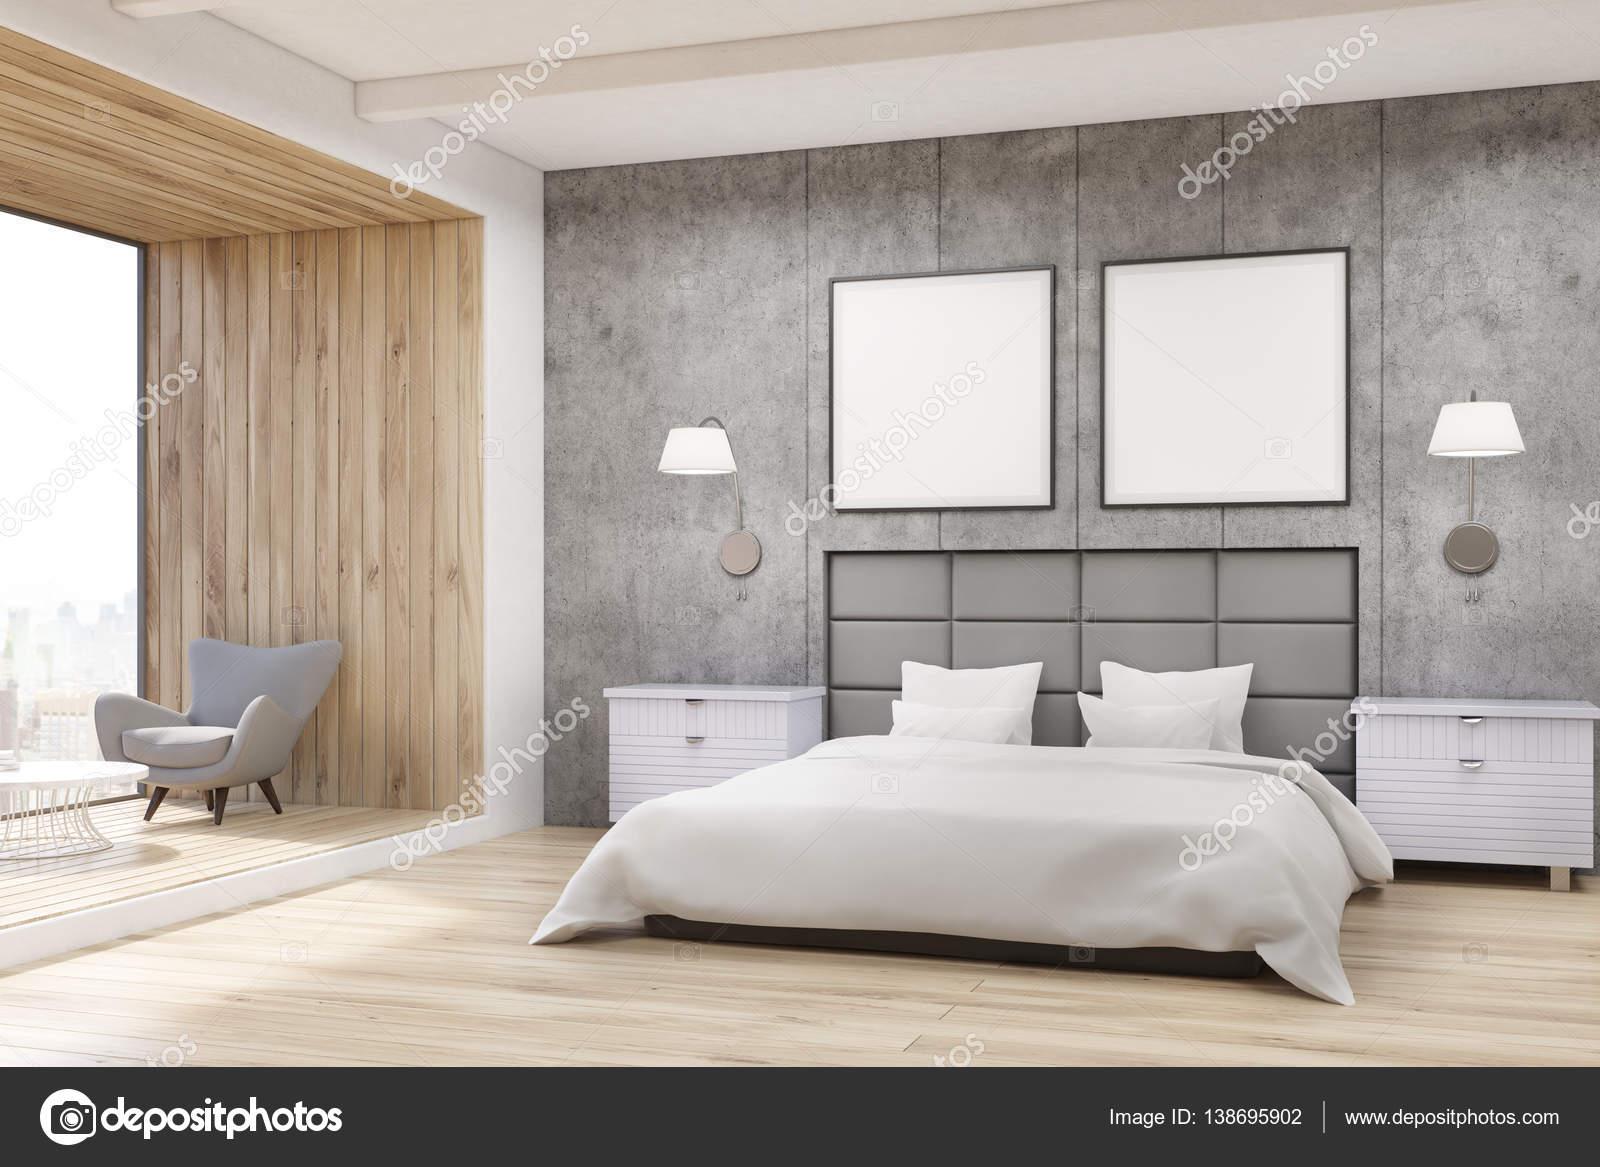 Posters In Slaapkamer : Decoreer je slaapkamer met een prachtige poster slaapkamer